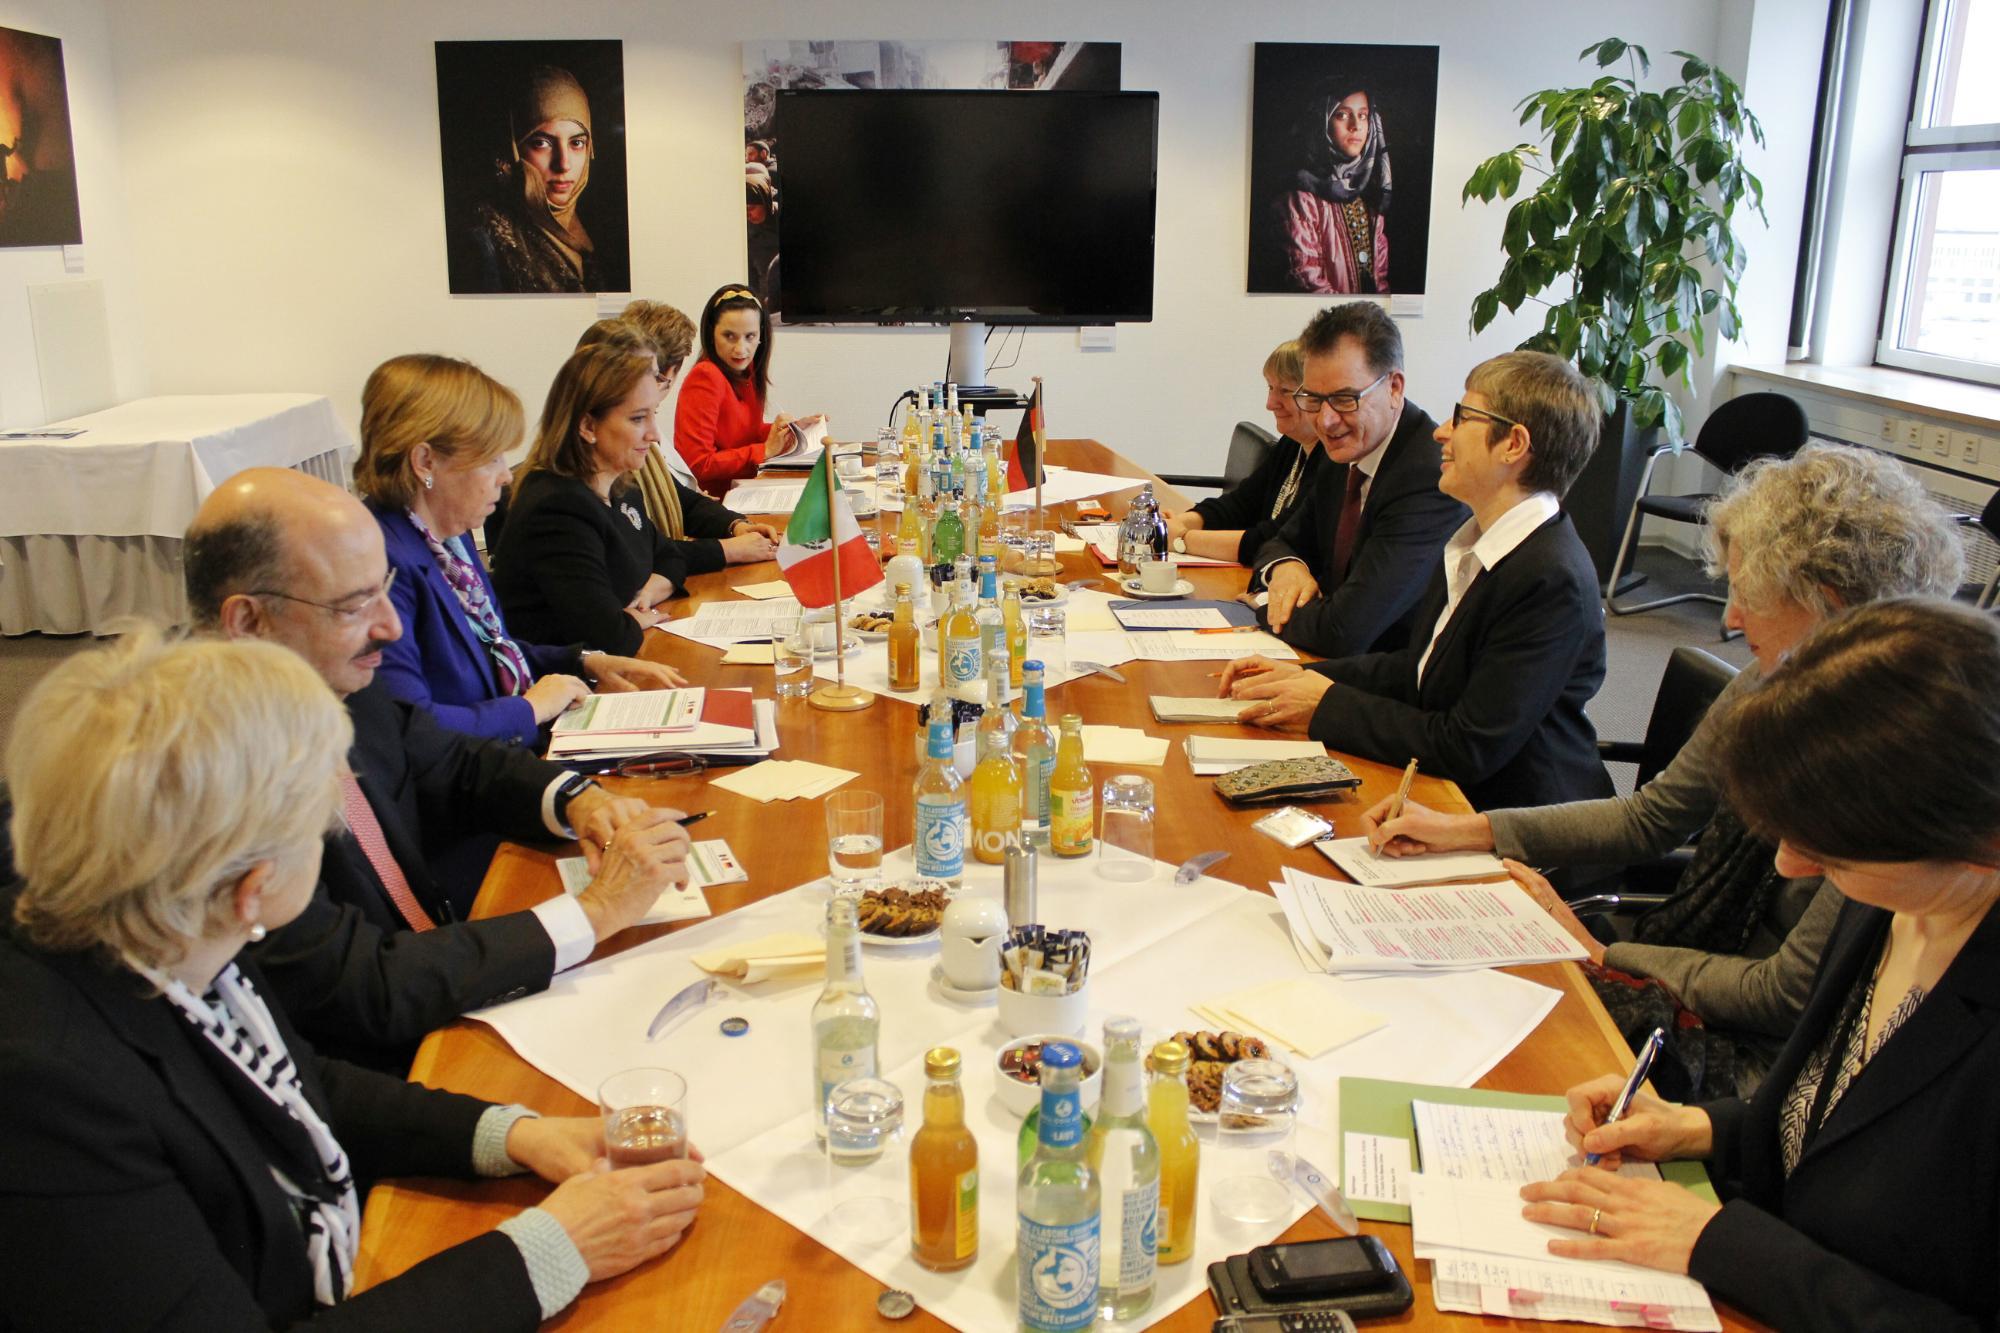 FOTO 3 Canciller Claudia Ruiz Massieu con el Ministro Federal de Cooperaci n Econ mica y Desarrollo  Gerd M llerjpg